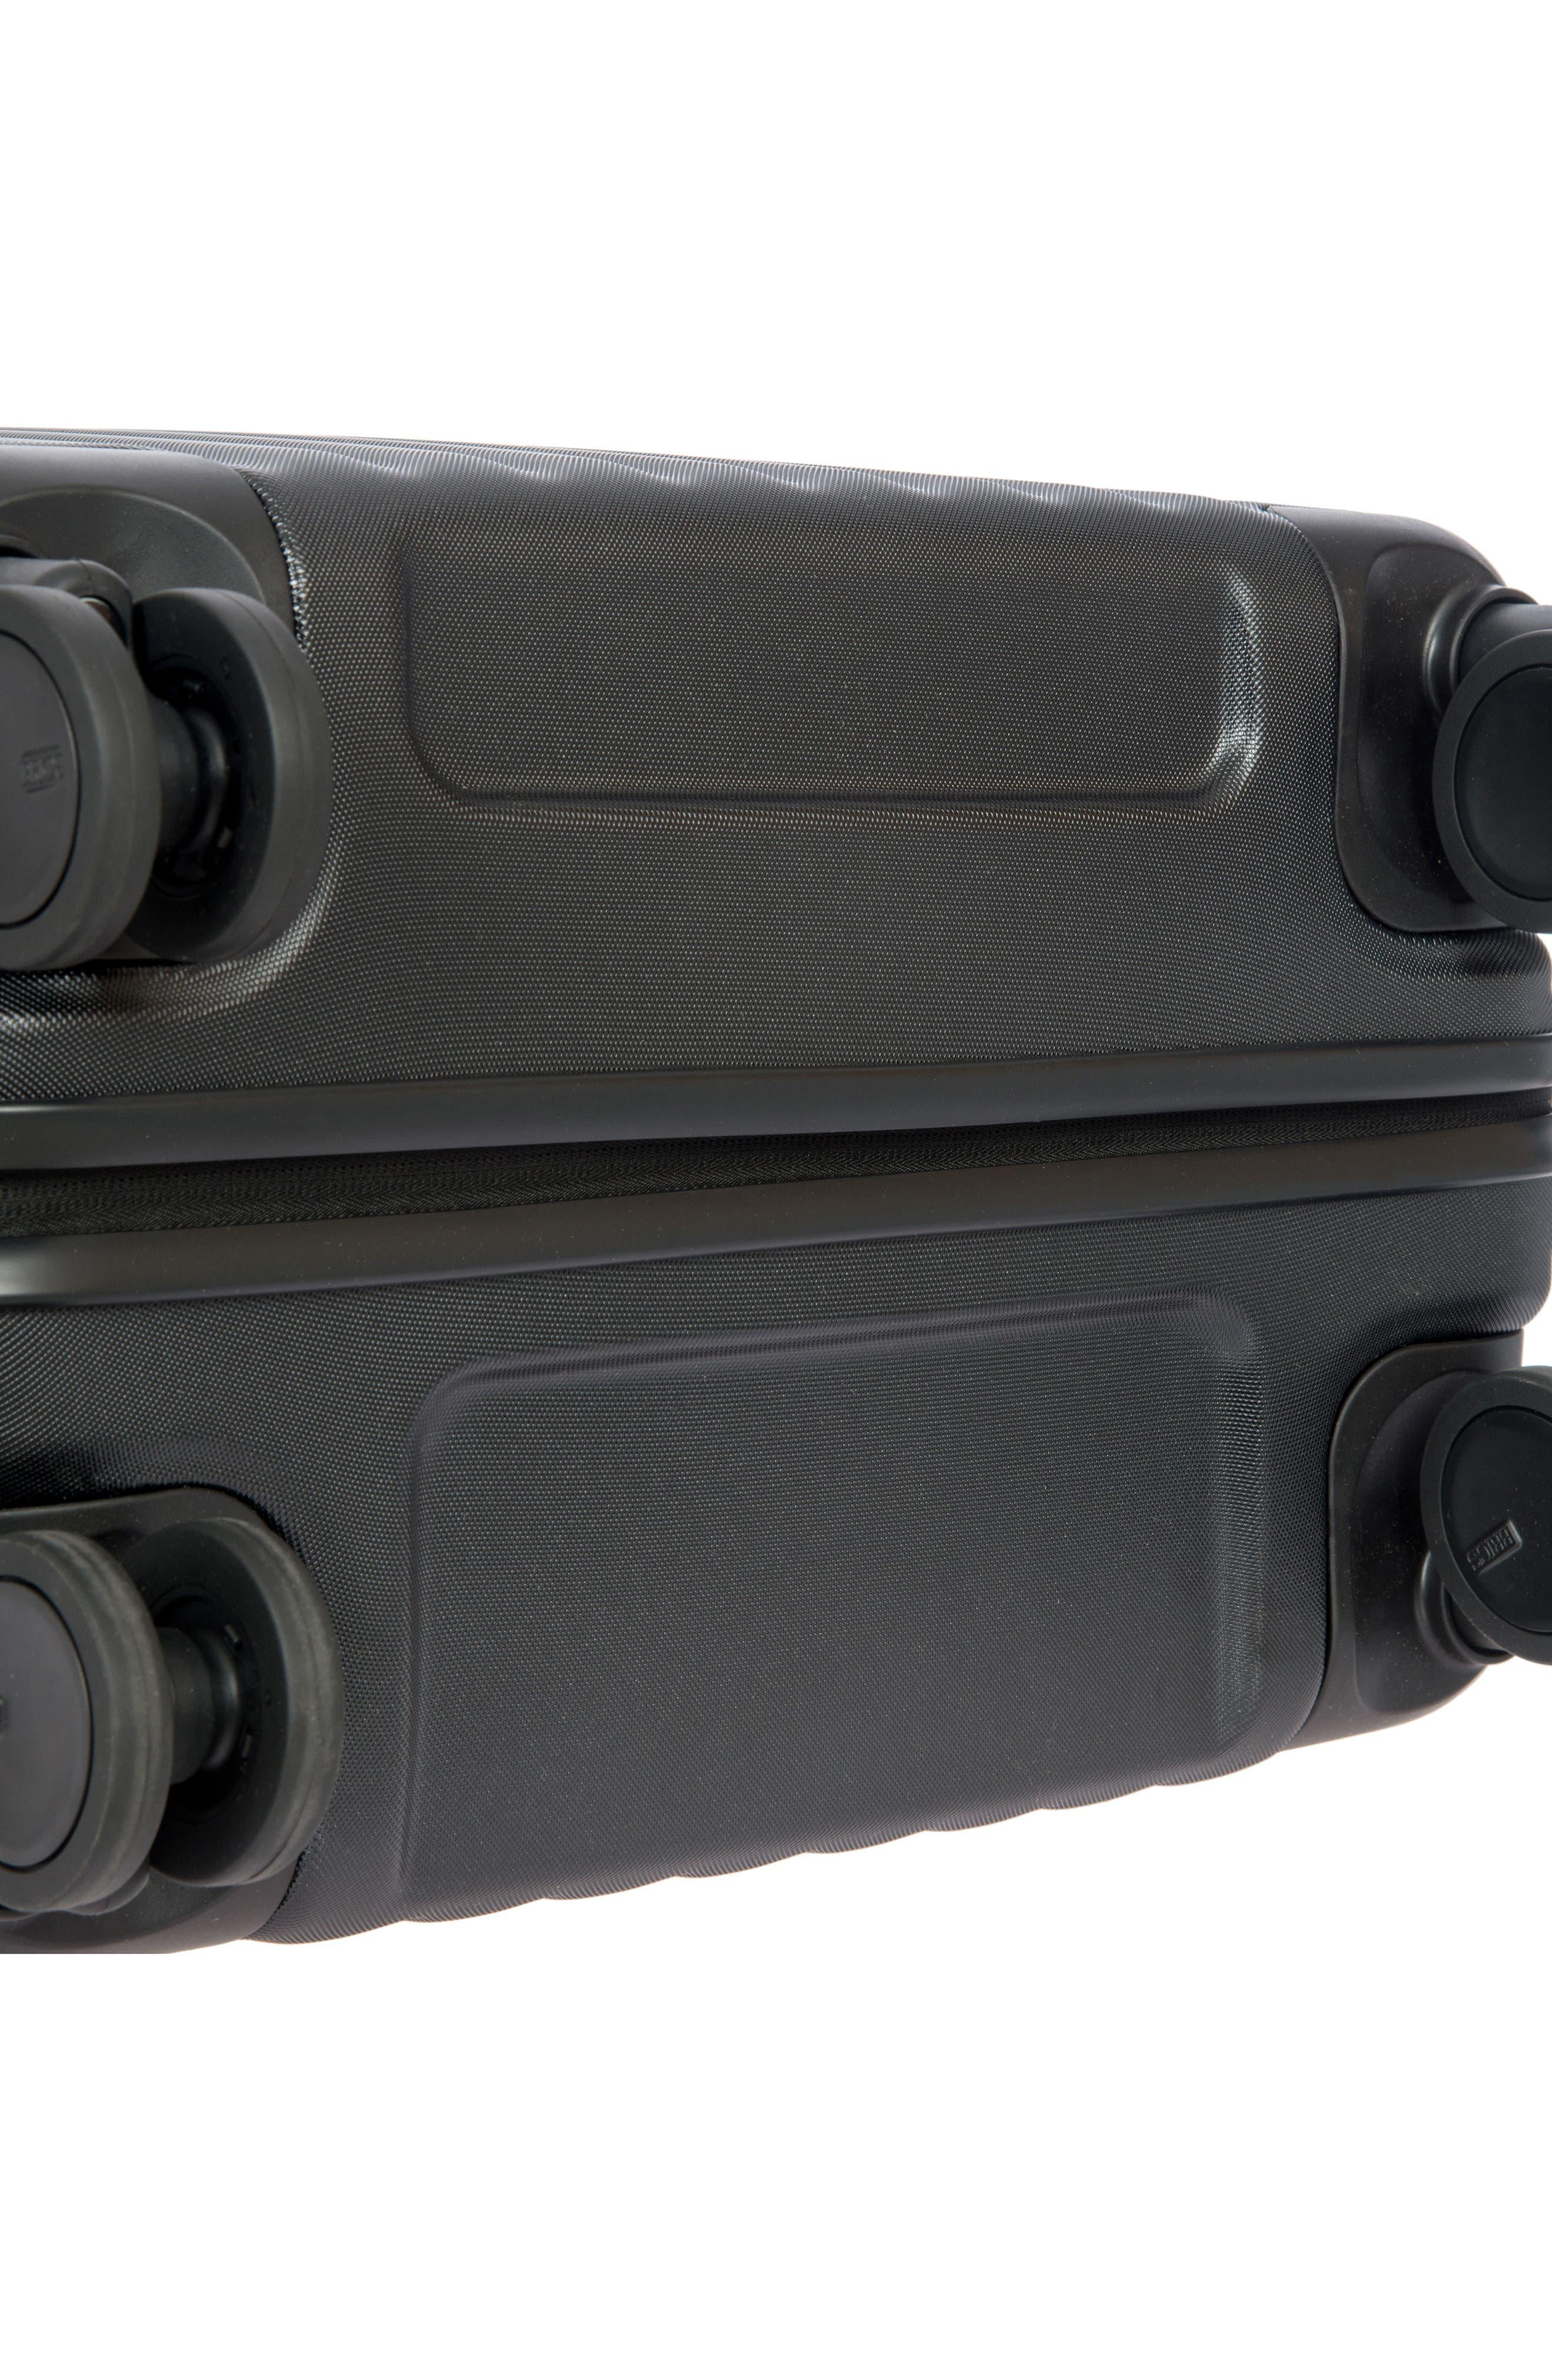 Capri 27-Inch Rolling Suitcase,                             Alternate thumbnail 10, color,                             MATTE BLACK